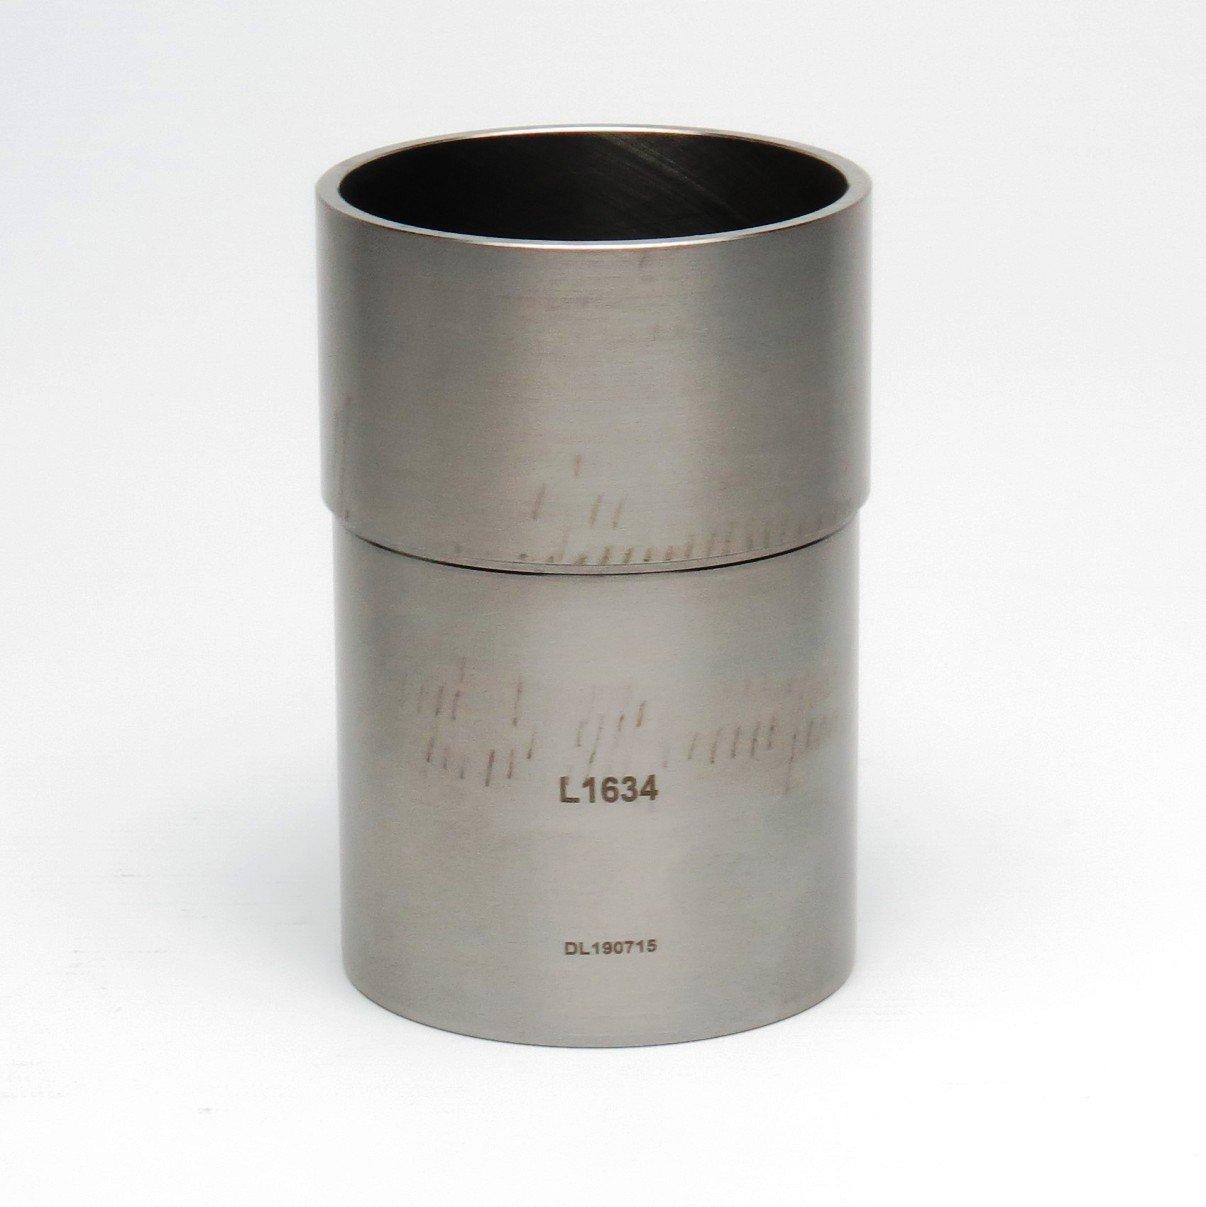 L 1634 - Cylinder Repair Liner